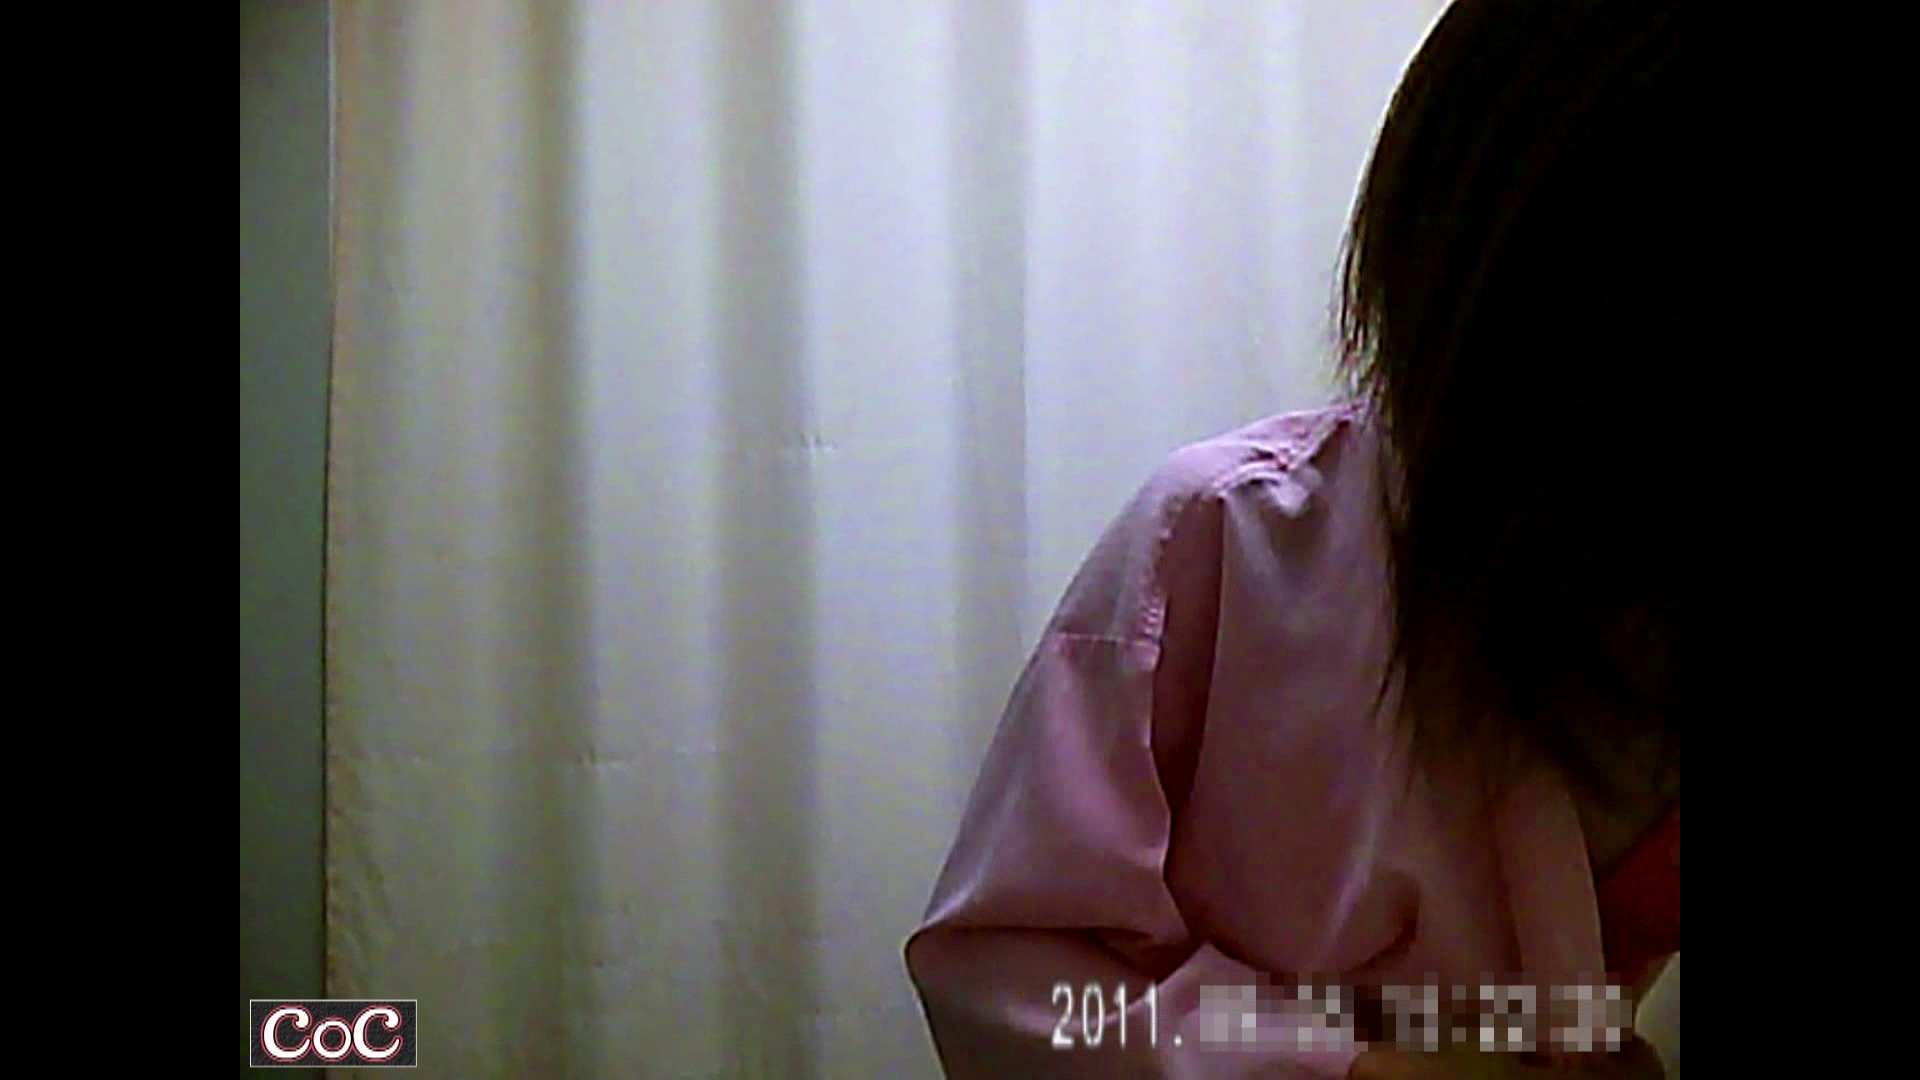 病院おもいっきり着替え! vol.20 巨乳 ヌード画像 106PIX 39